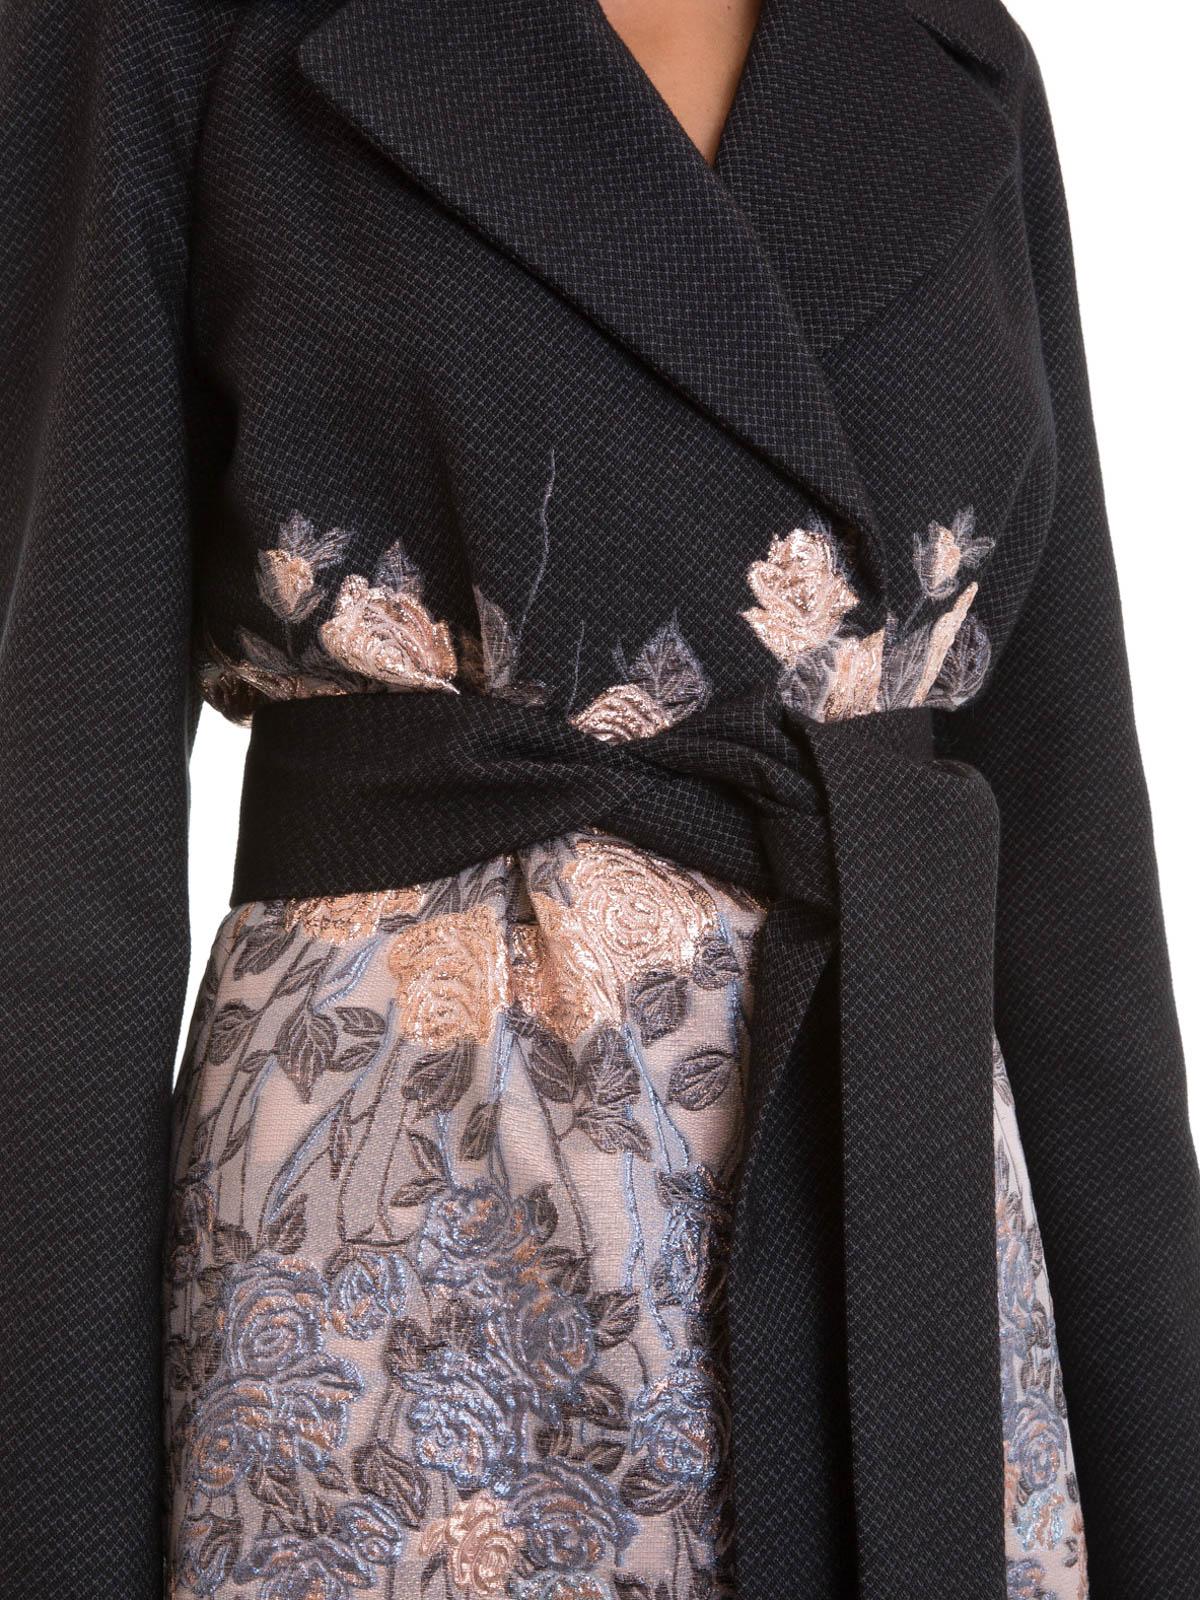 fe0948e9c0beb Blumarine - Manteau Au Genoux Teint Pour Femme - Manteaux au genou ...